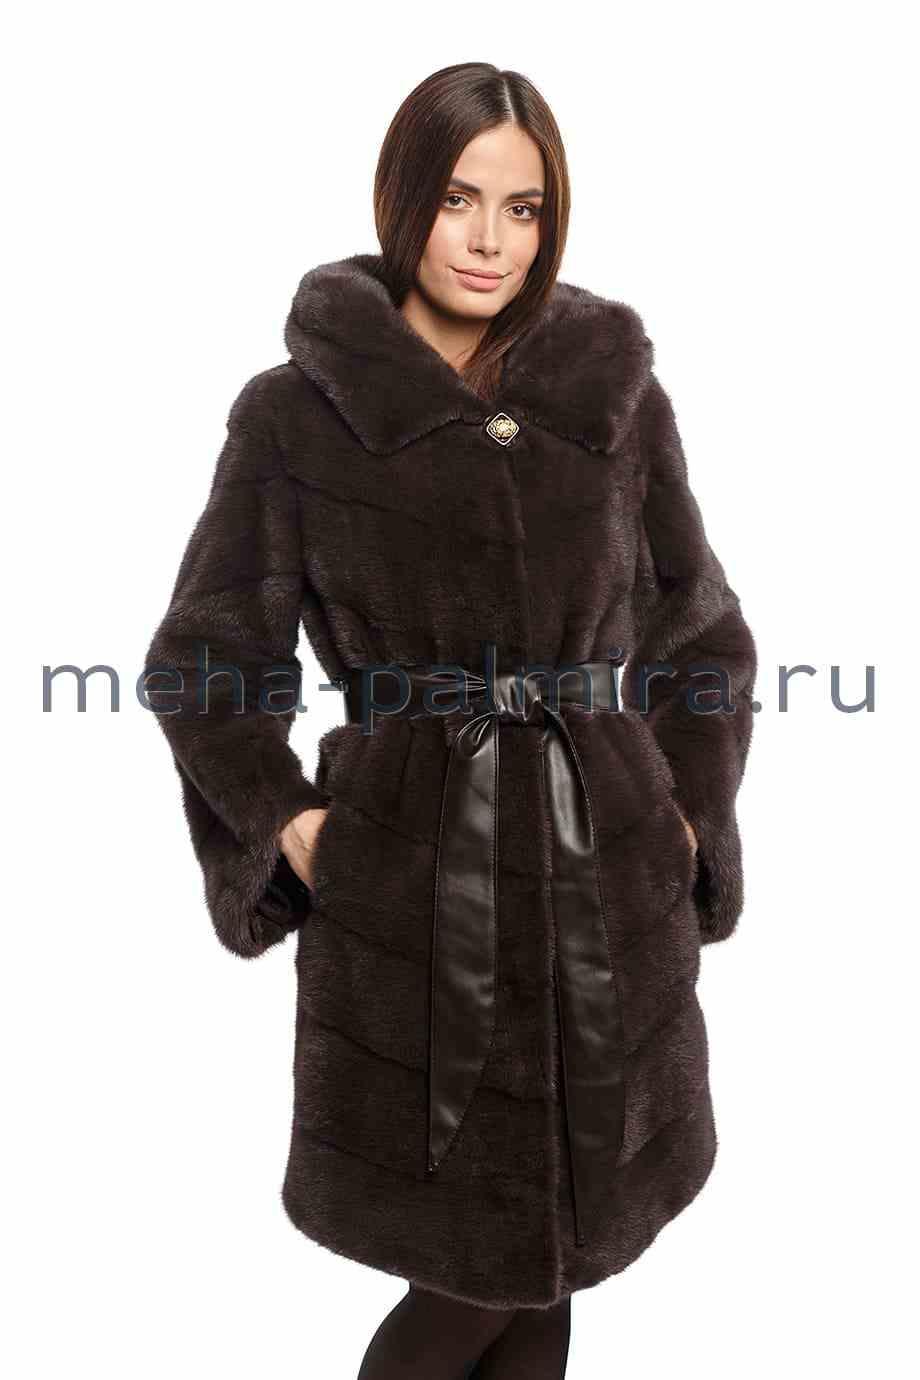 Меховое пальто с капюшоном, цвет уголь